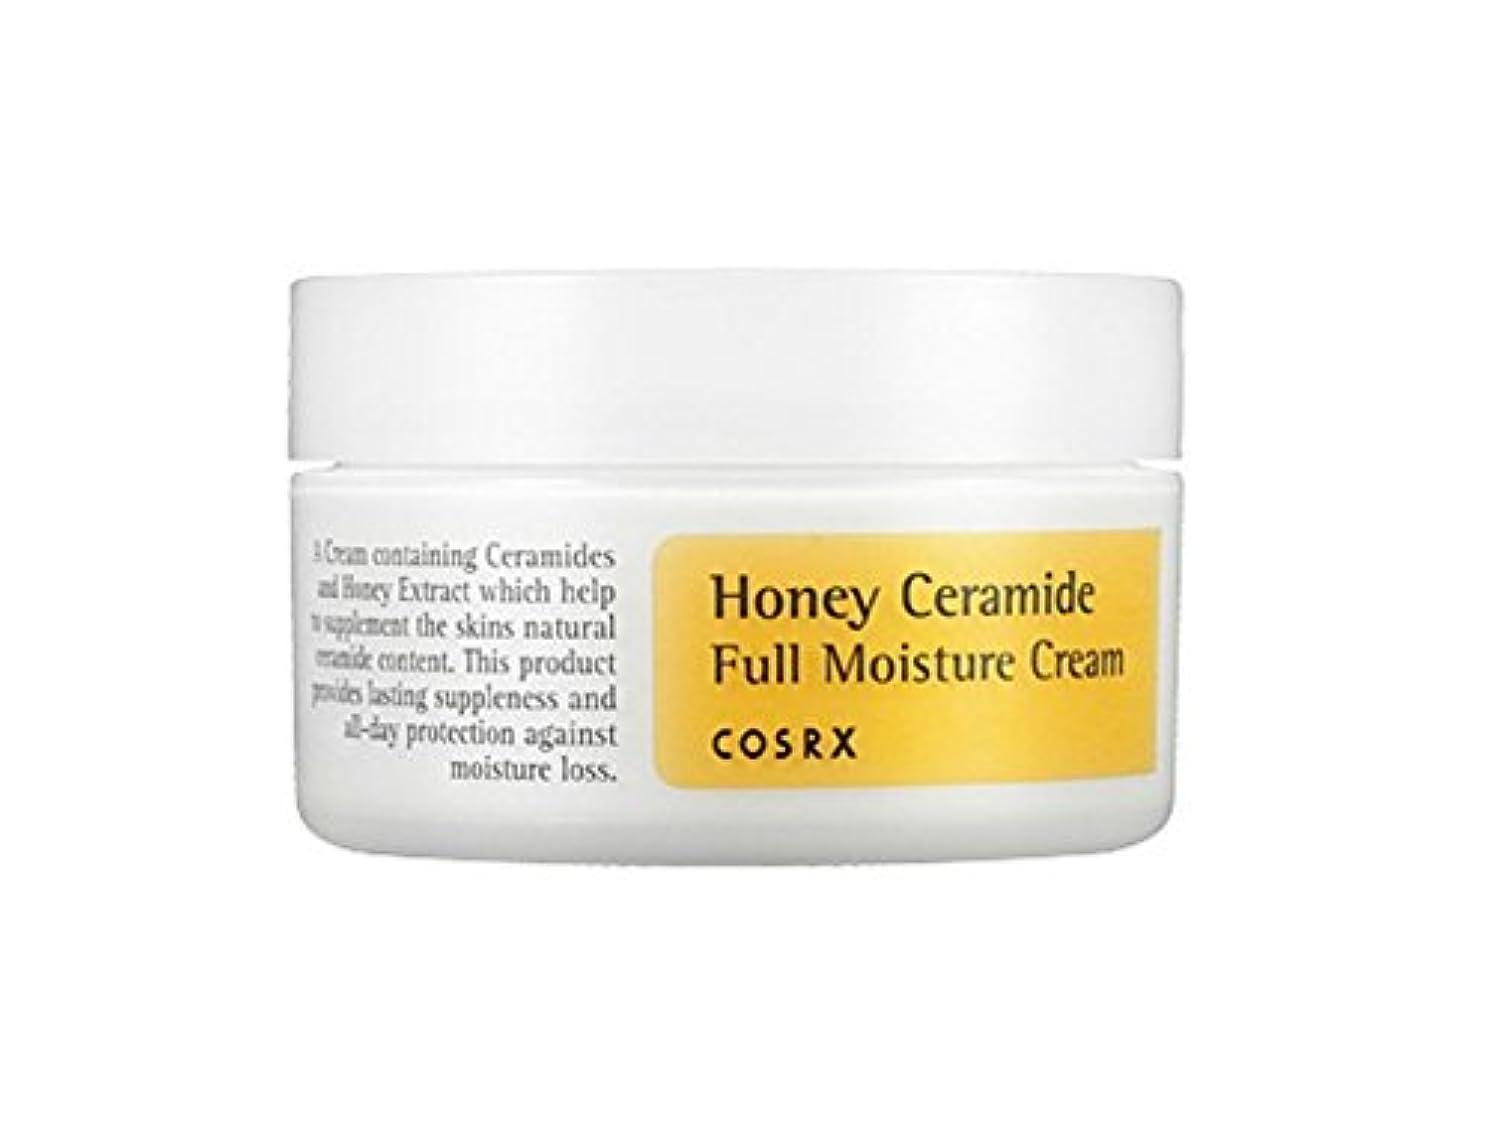 北西無能過度にCOSRX Honey Ceramide Full Moisture Cream 50ml/COSRX ハニー セラミド フル モイスチャー クリーム 50ml [並行輸入品]